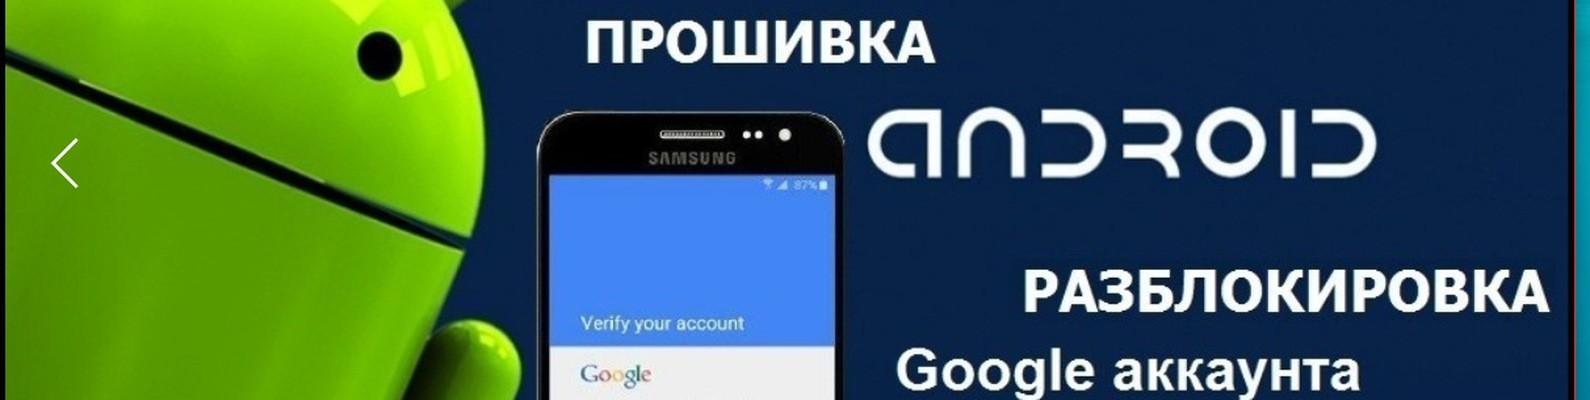 Разблокировка телефонов от Google аккаунта